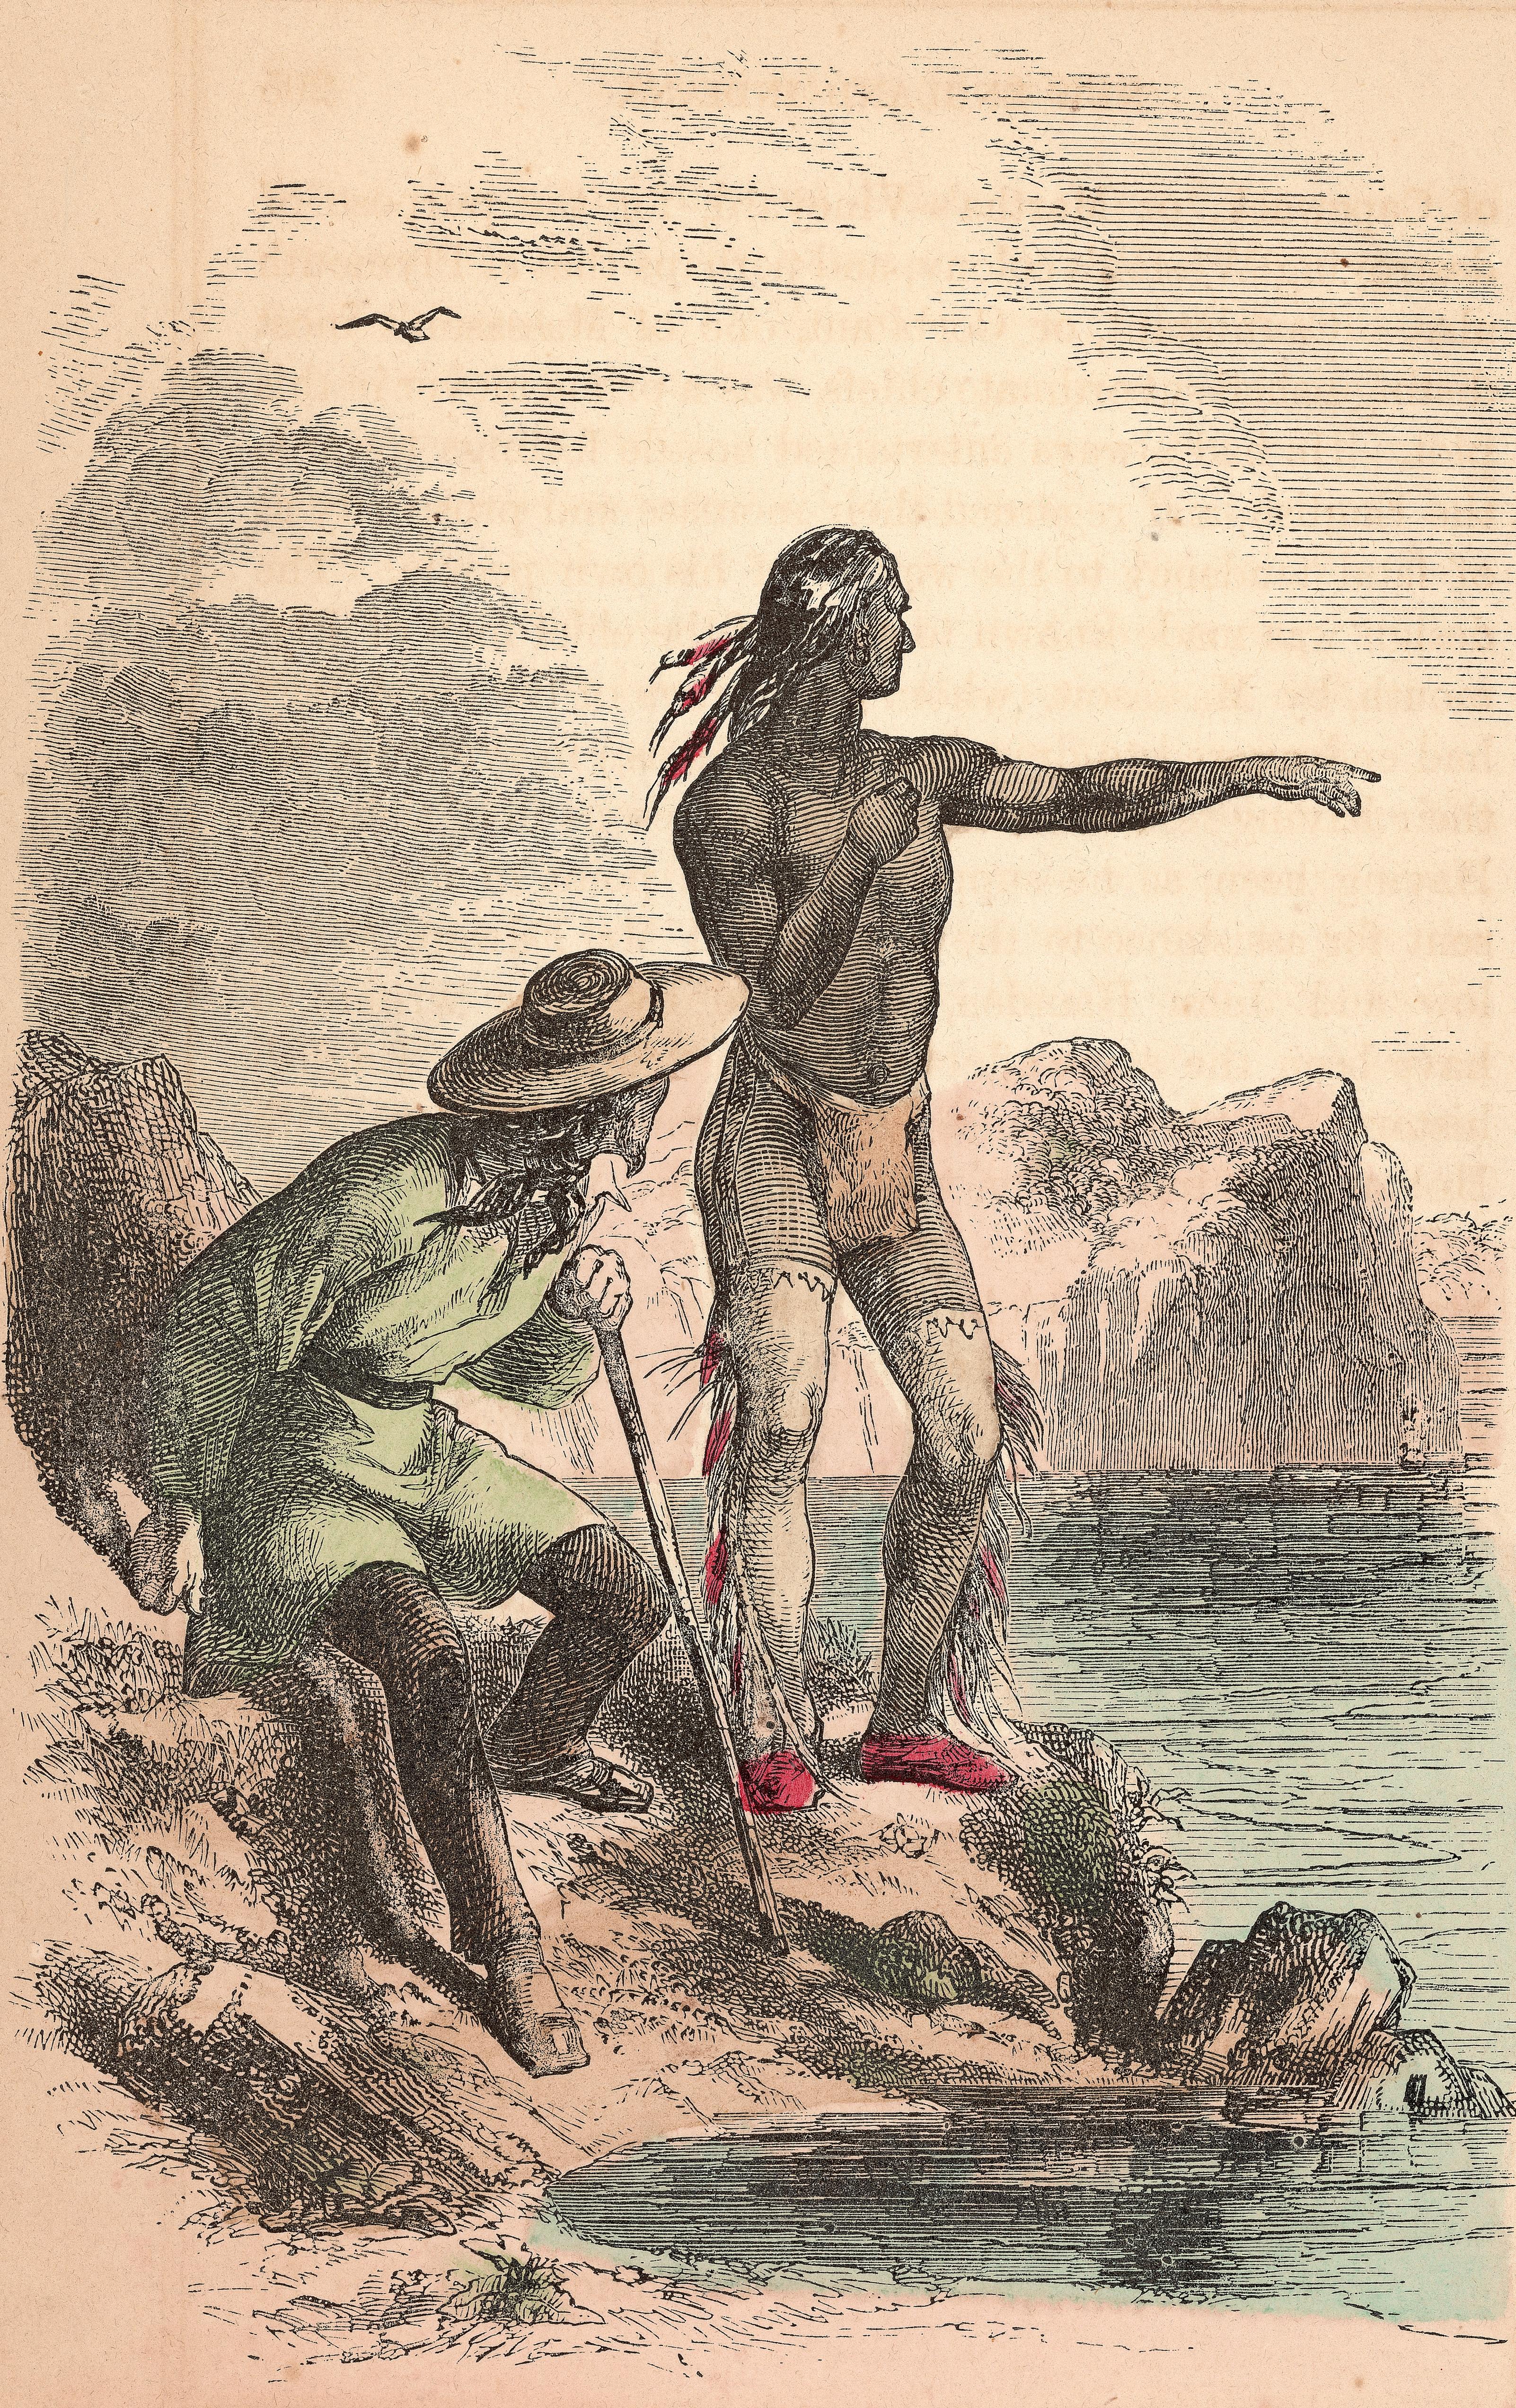 El indio Squanto aconseja a los primeros colonos ingleses en